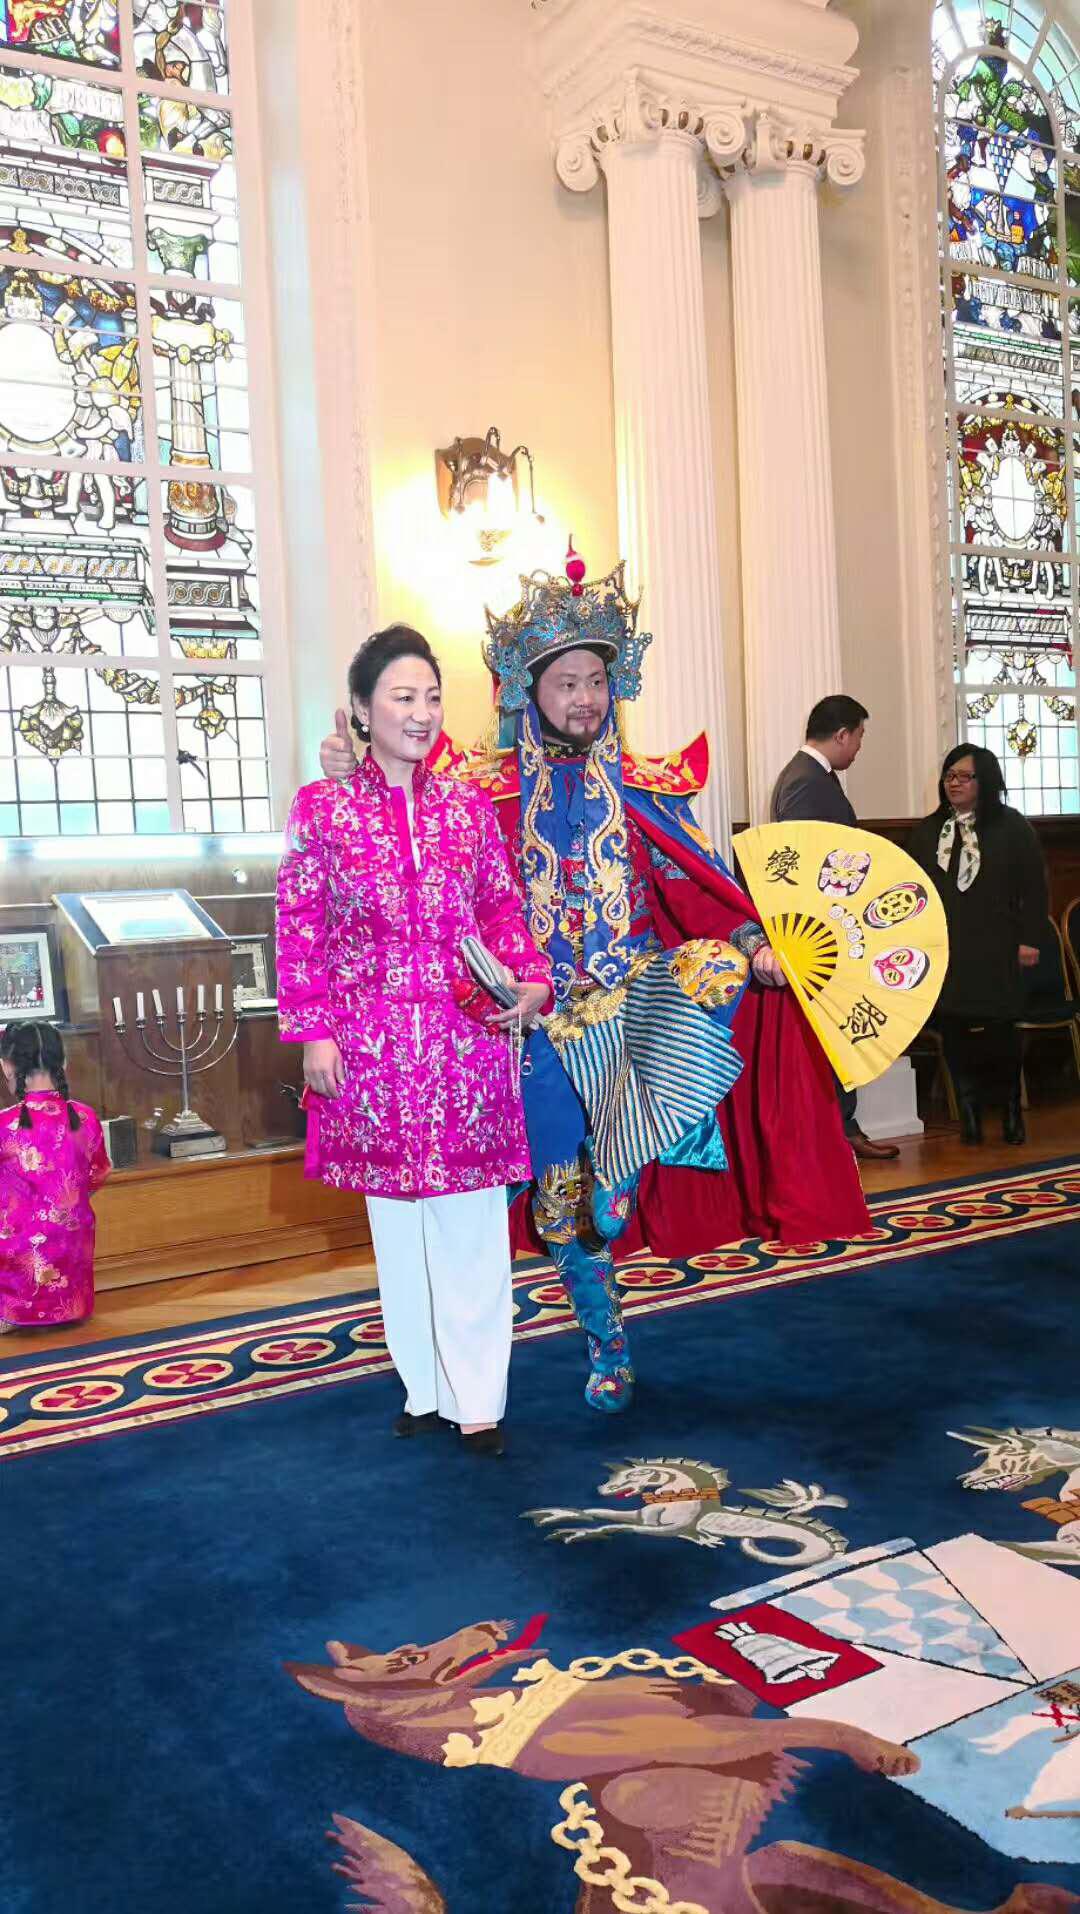 刘昌伟老师与中国驻贝尔法斯特总领事张美芳拿着变脸萌宝合影